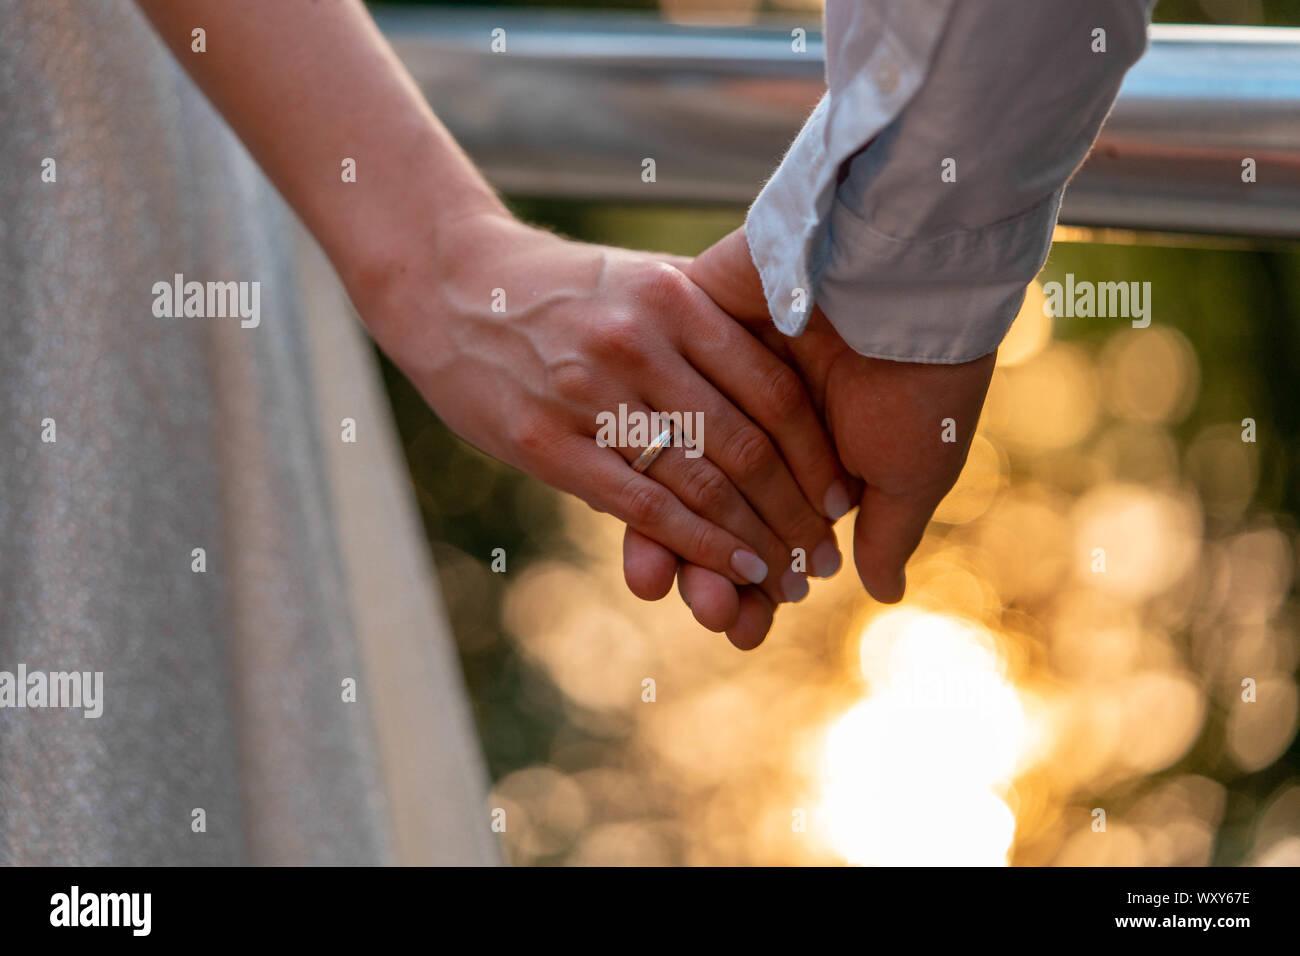 Nahaufnahme von Trauringe auf Braut und Bräutigam Hände. Angabe der Trauringe im Freien im Sommer oder Herbst Park Stockfoto